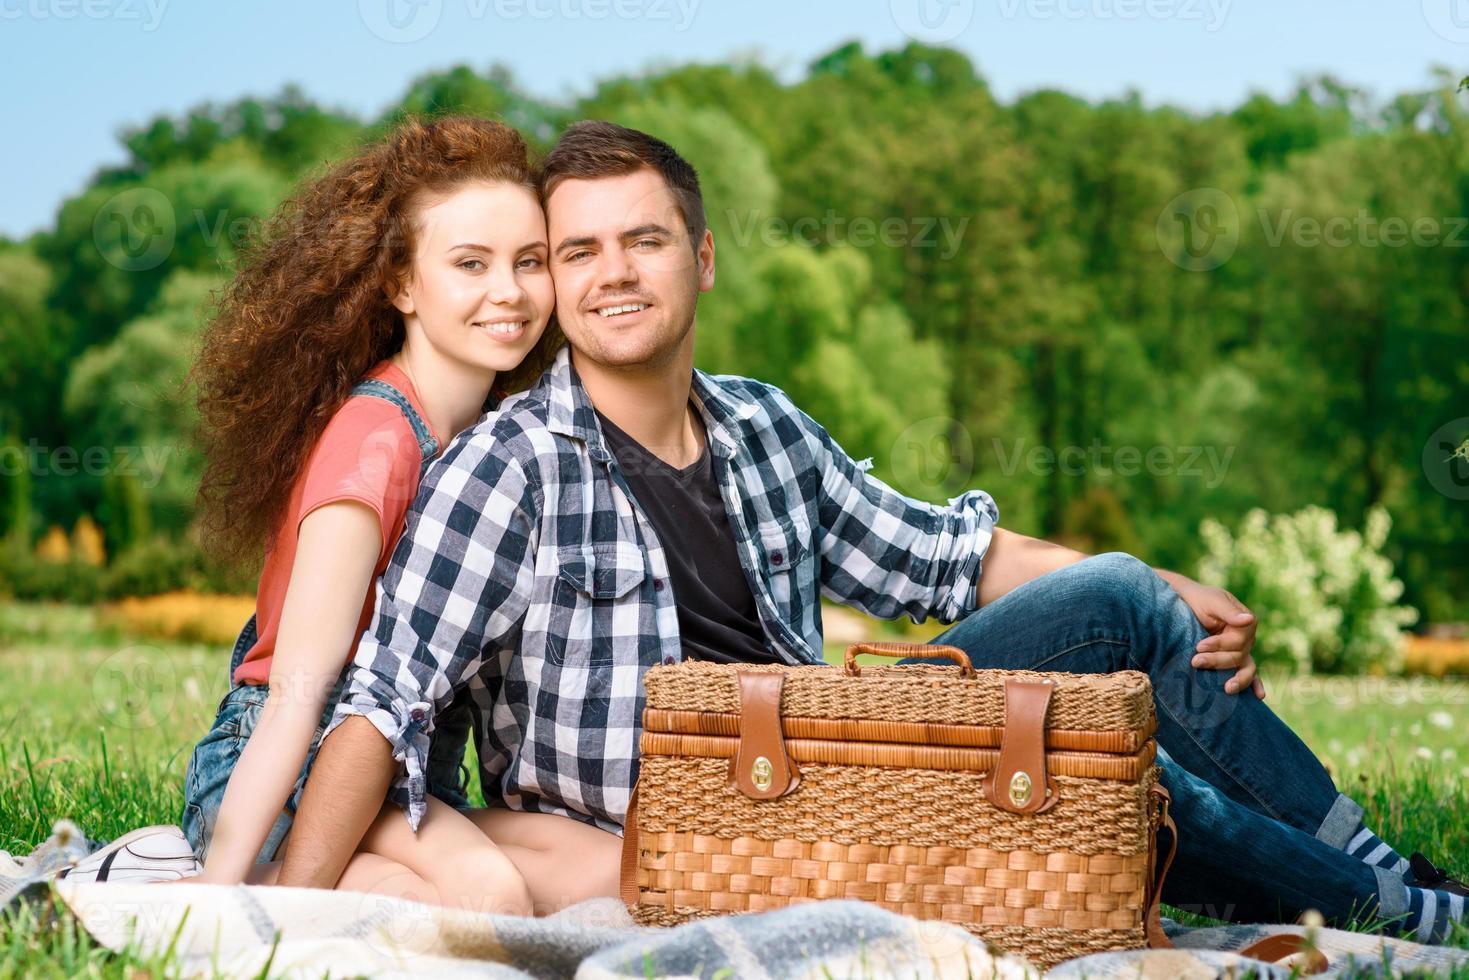 glückliche Familie auf einem Picknick foto